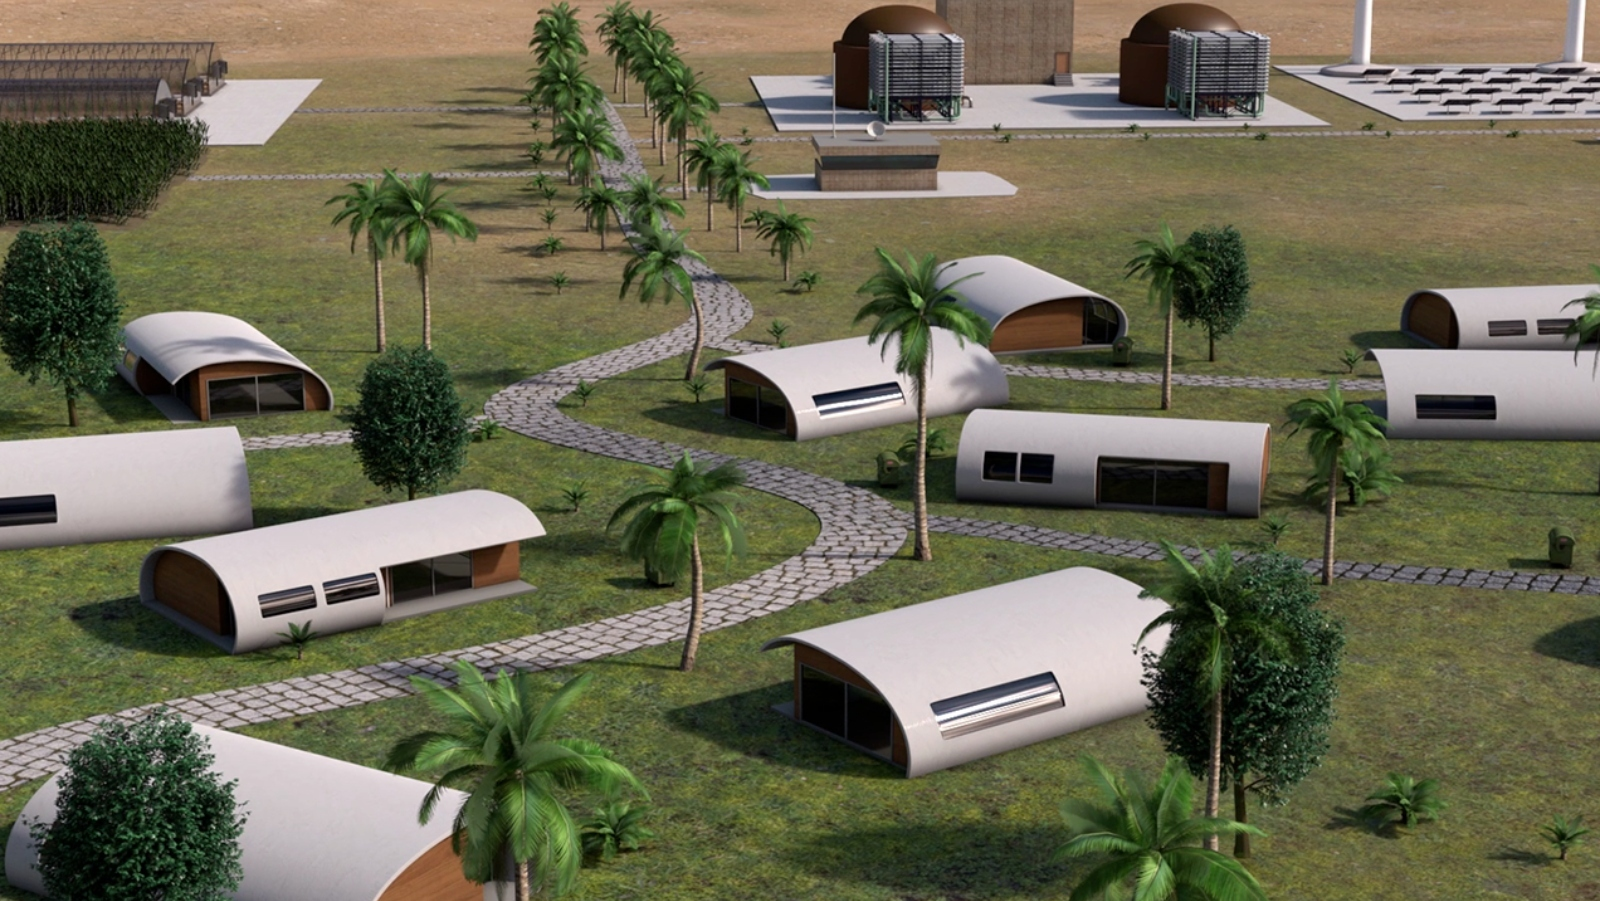 Das Öko-Dorf in der Wüste